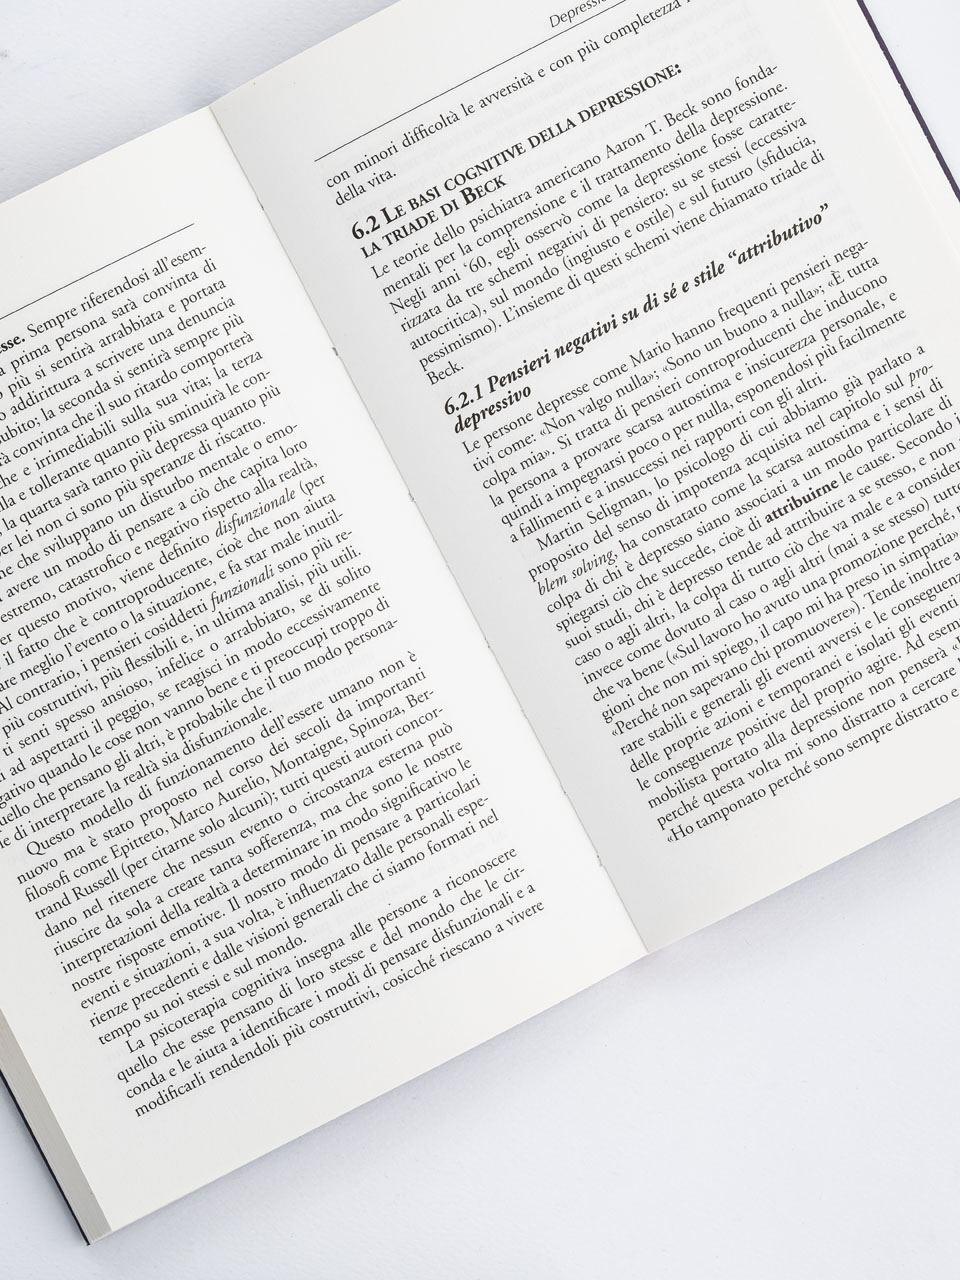 Superare la depressione - Libri - Erickson 2